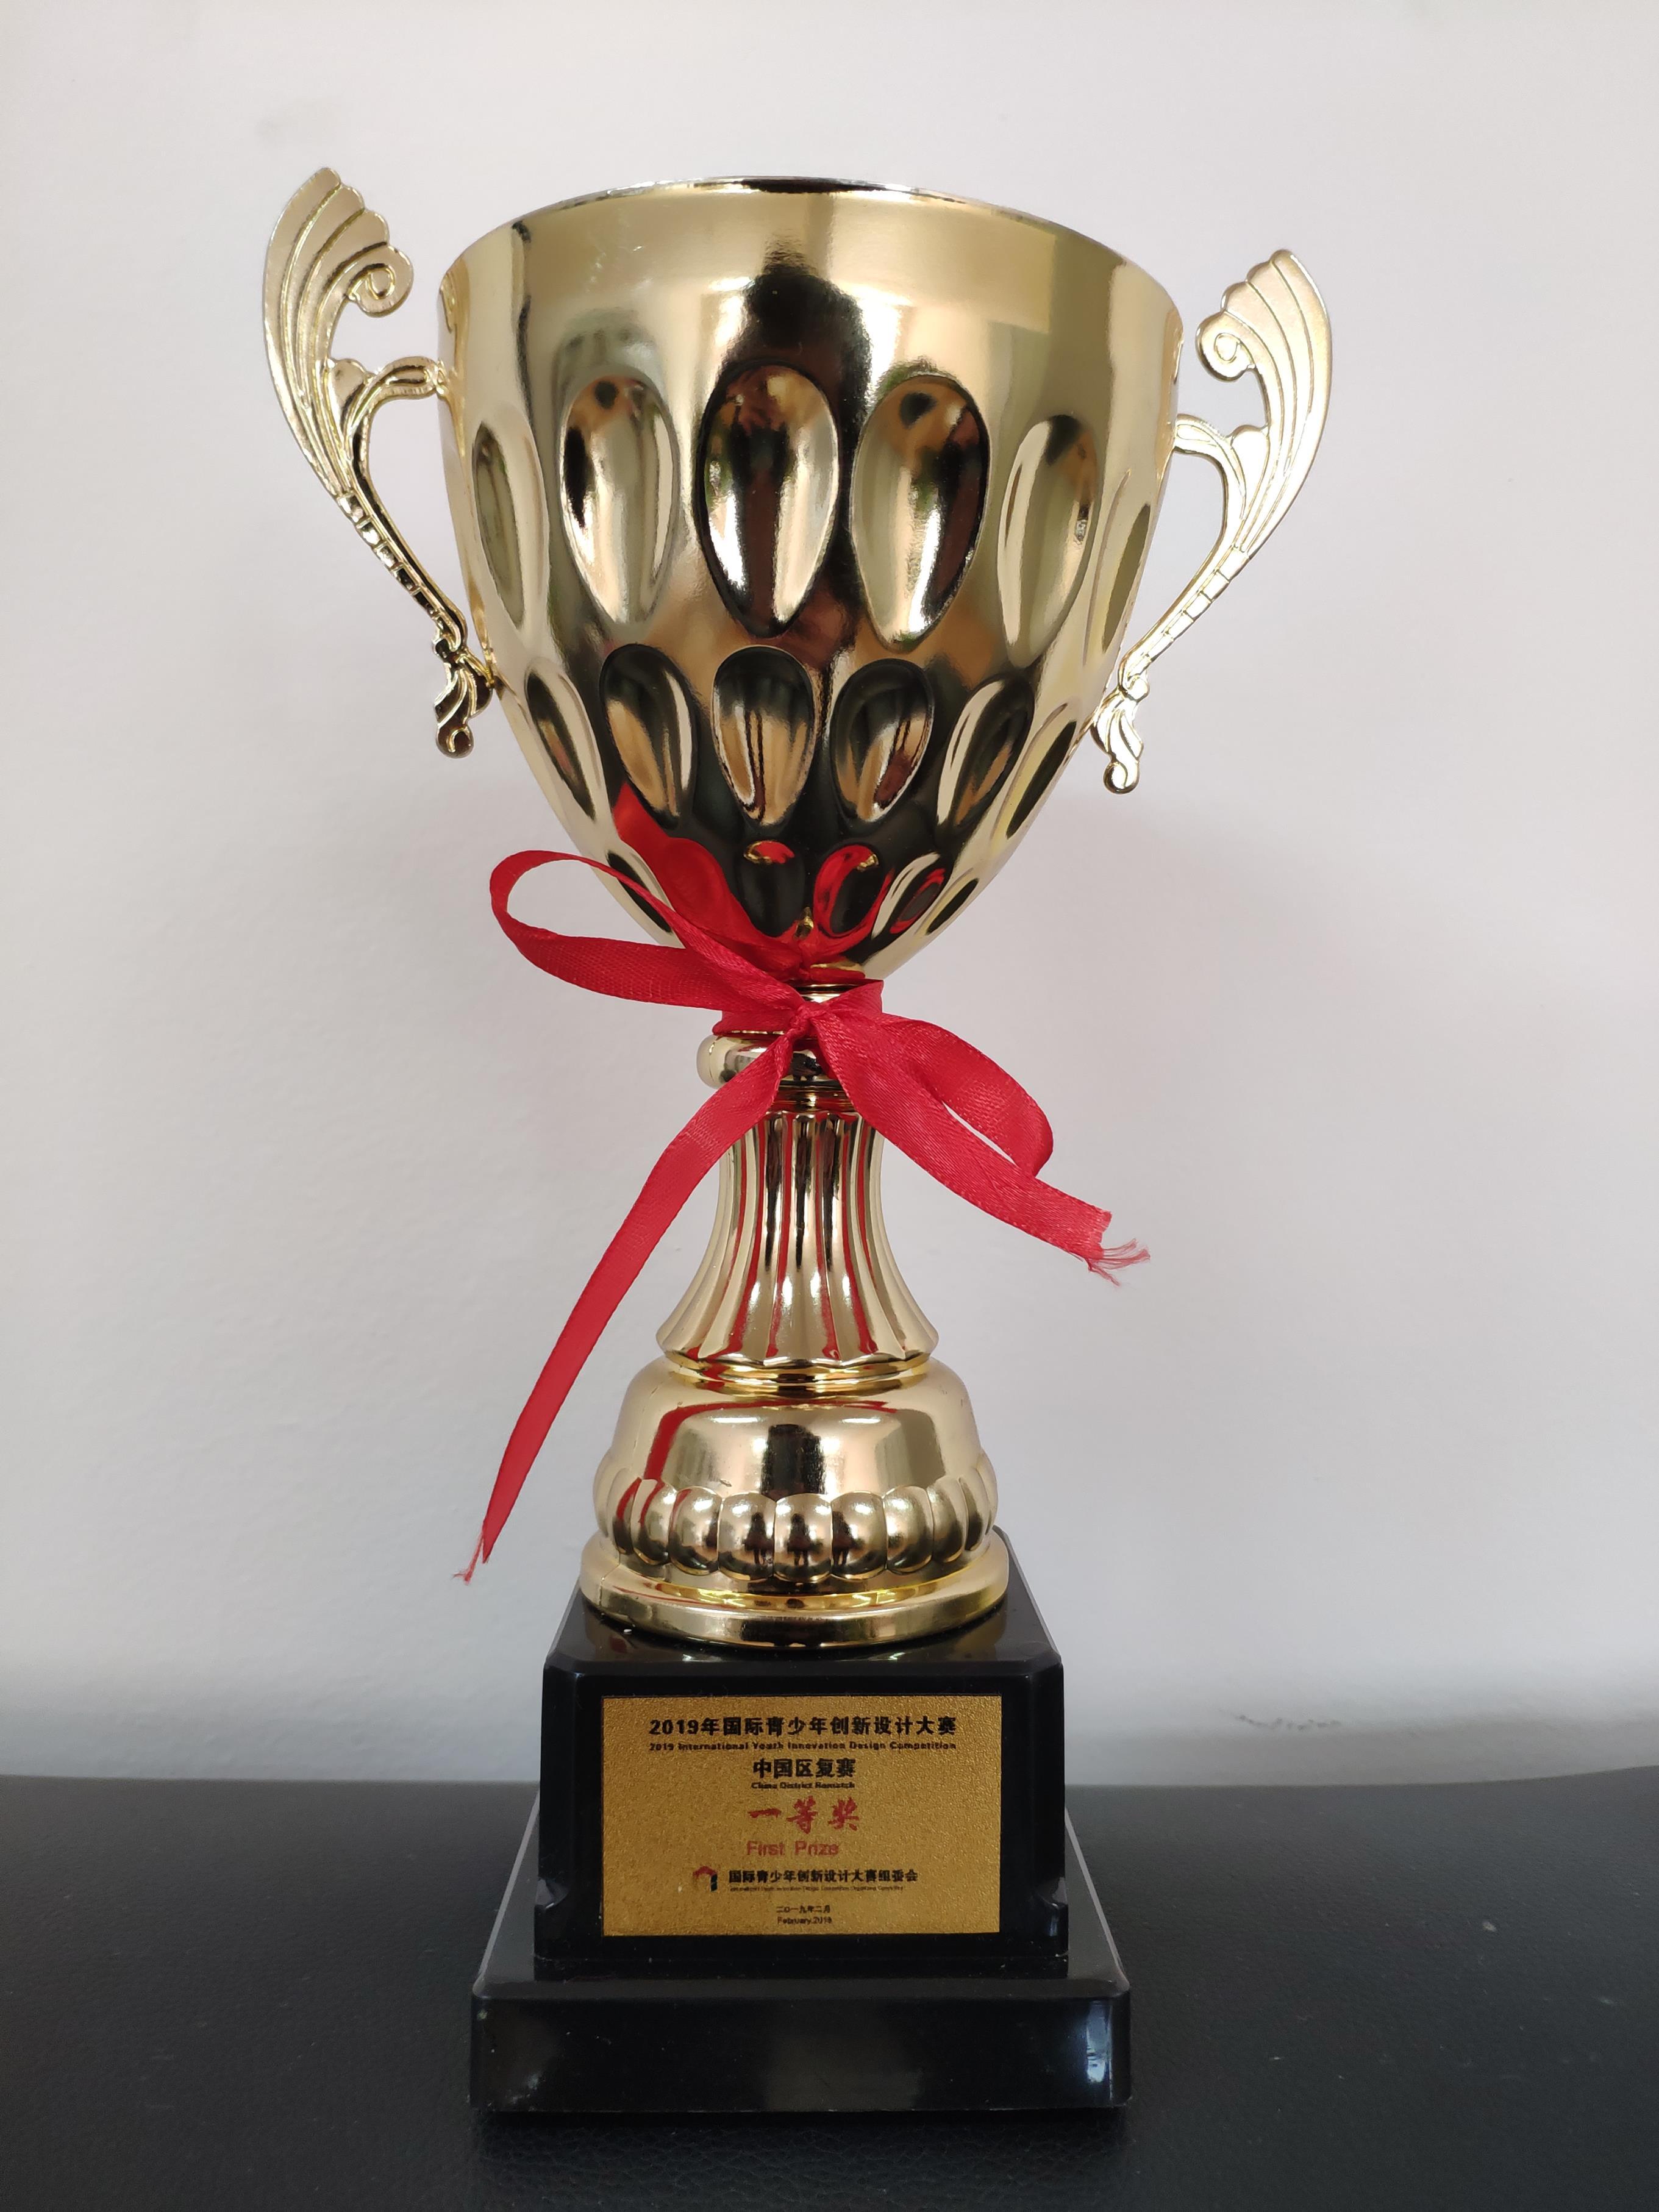 郑州34中参加第六届国际青少年创新设计大赛荣获一等奖图片